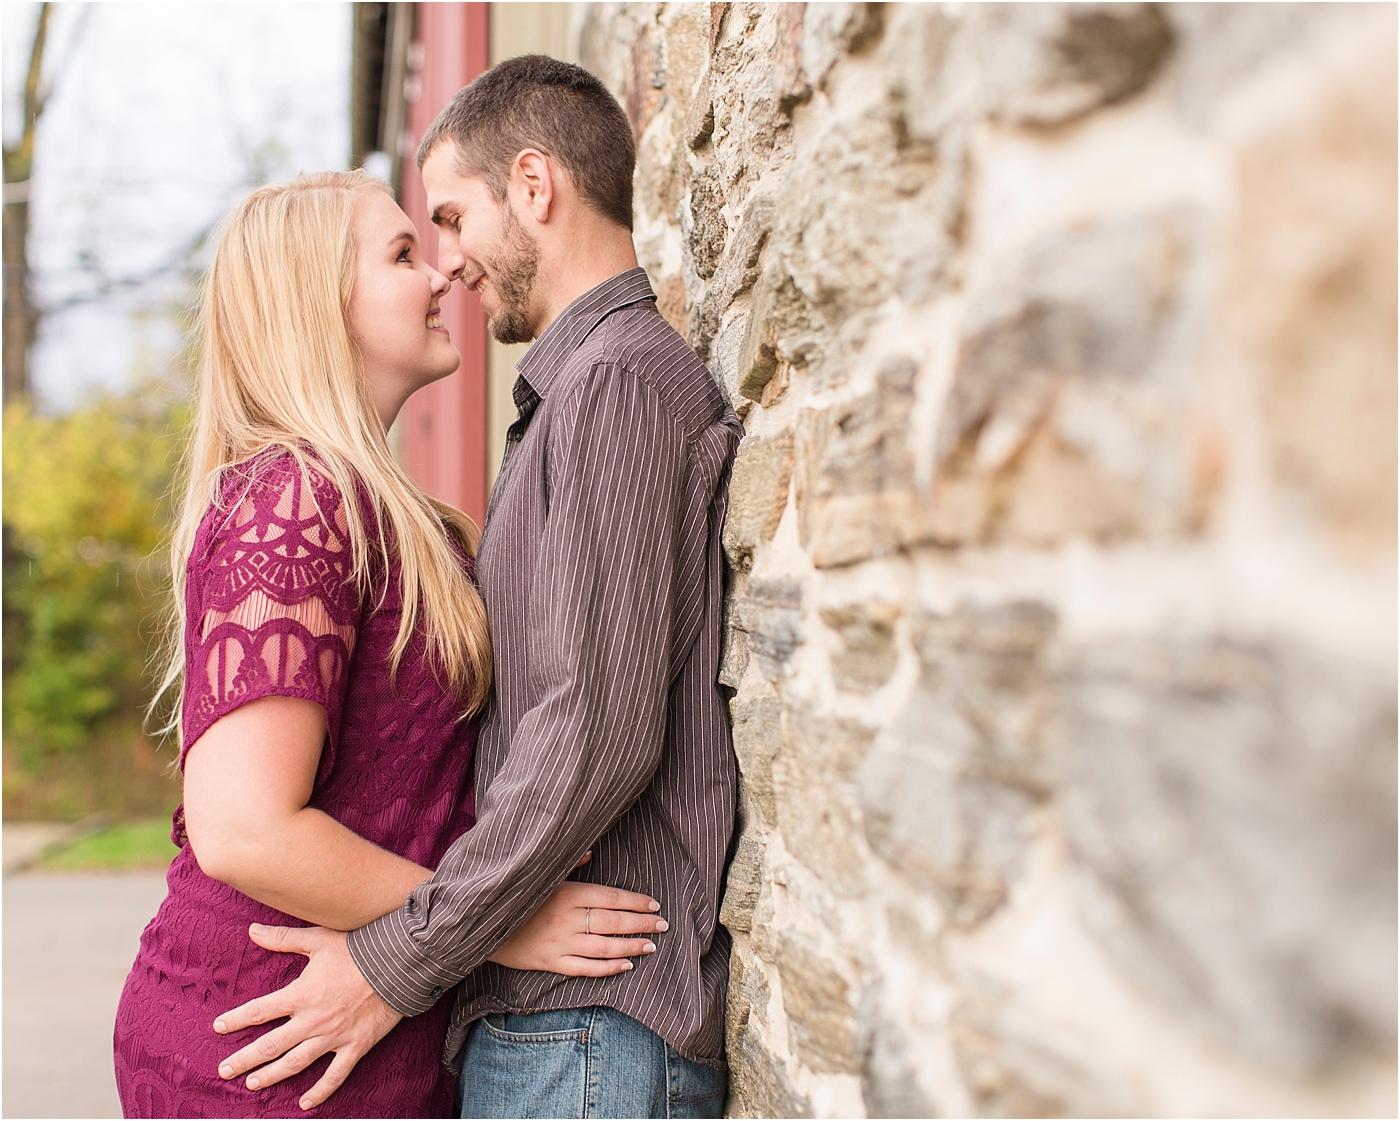 Maryland-Engagement-Photographer-7.jpg